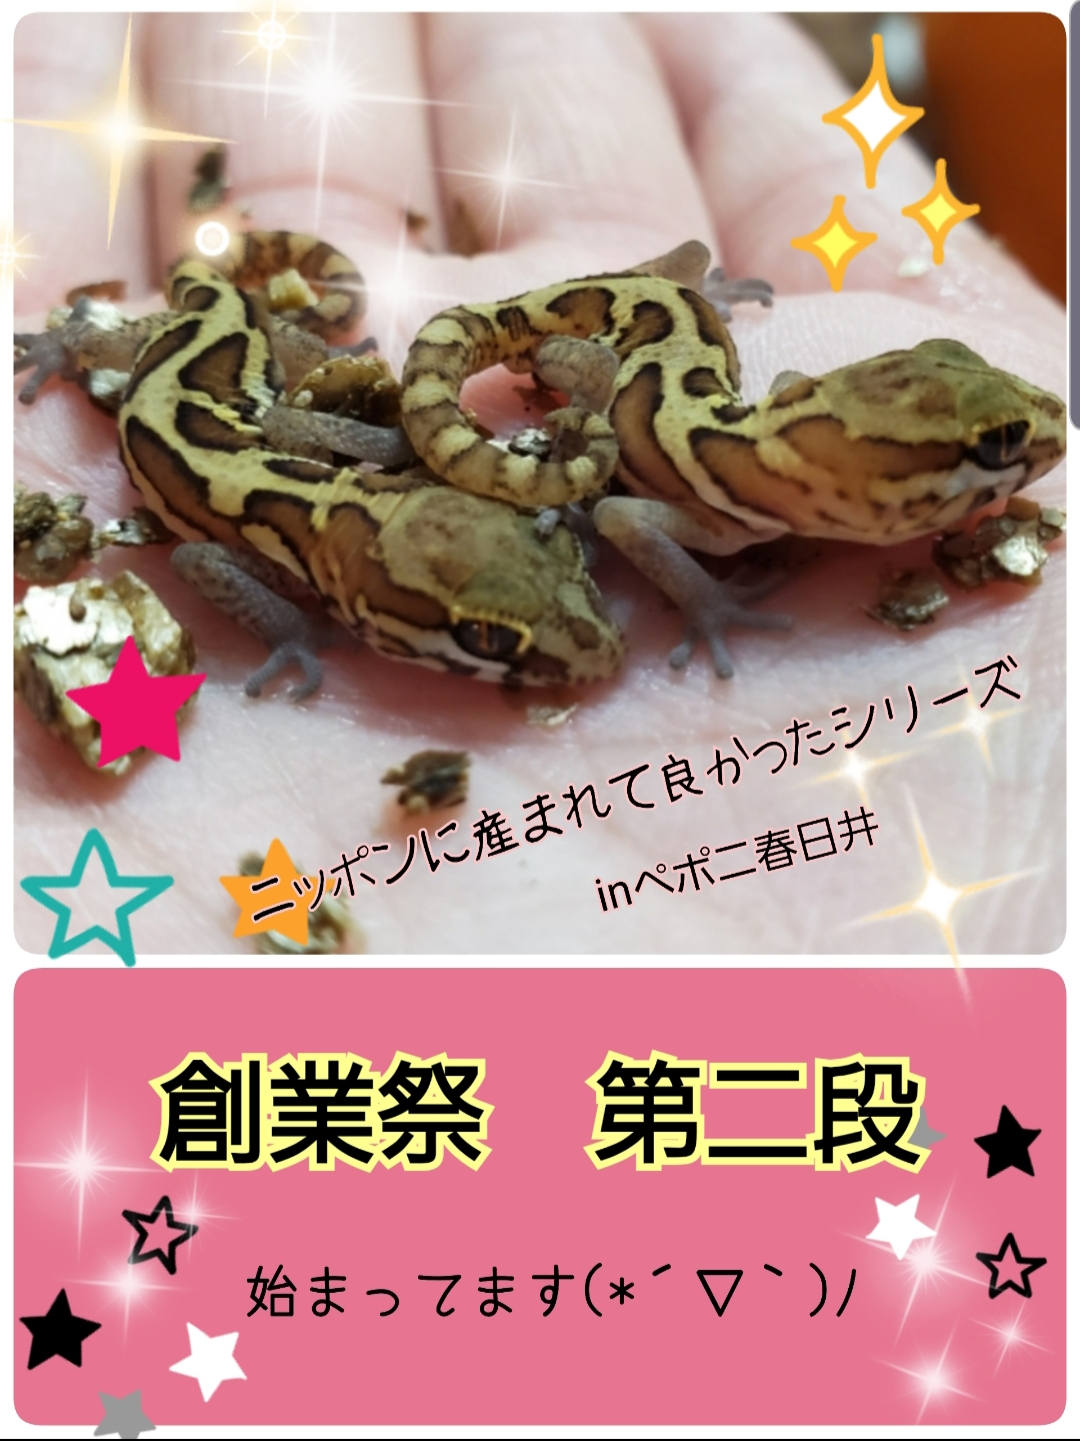 【春ペポニ】連休特価!二日目始まります!